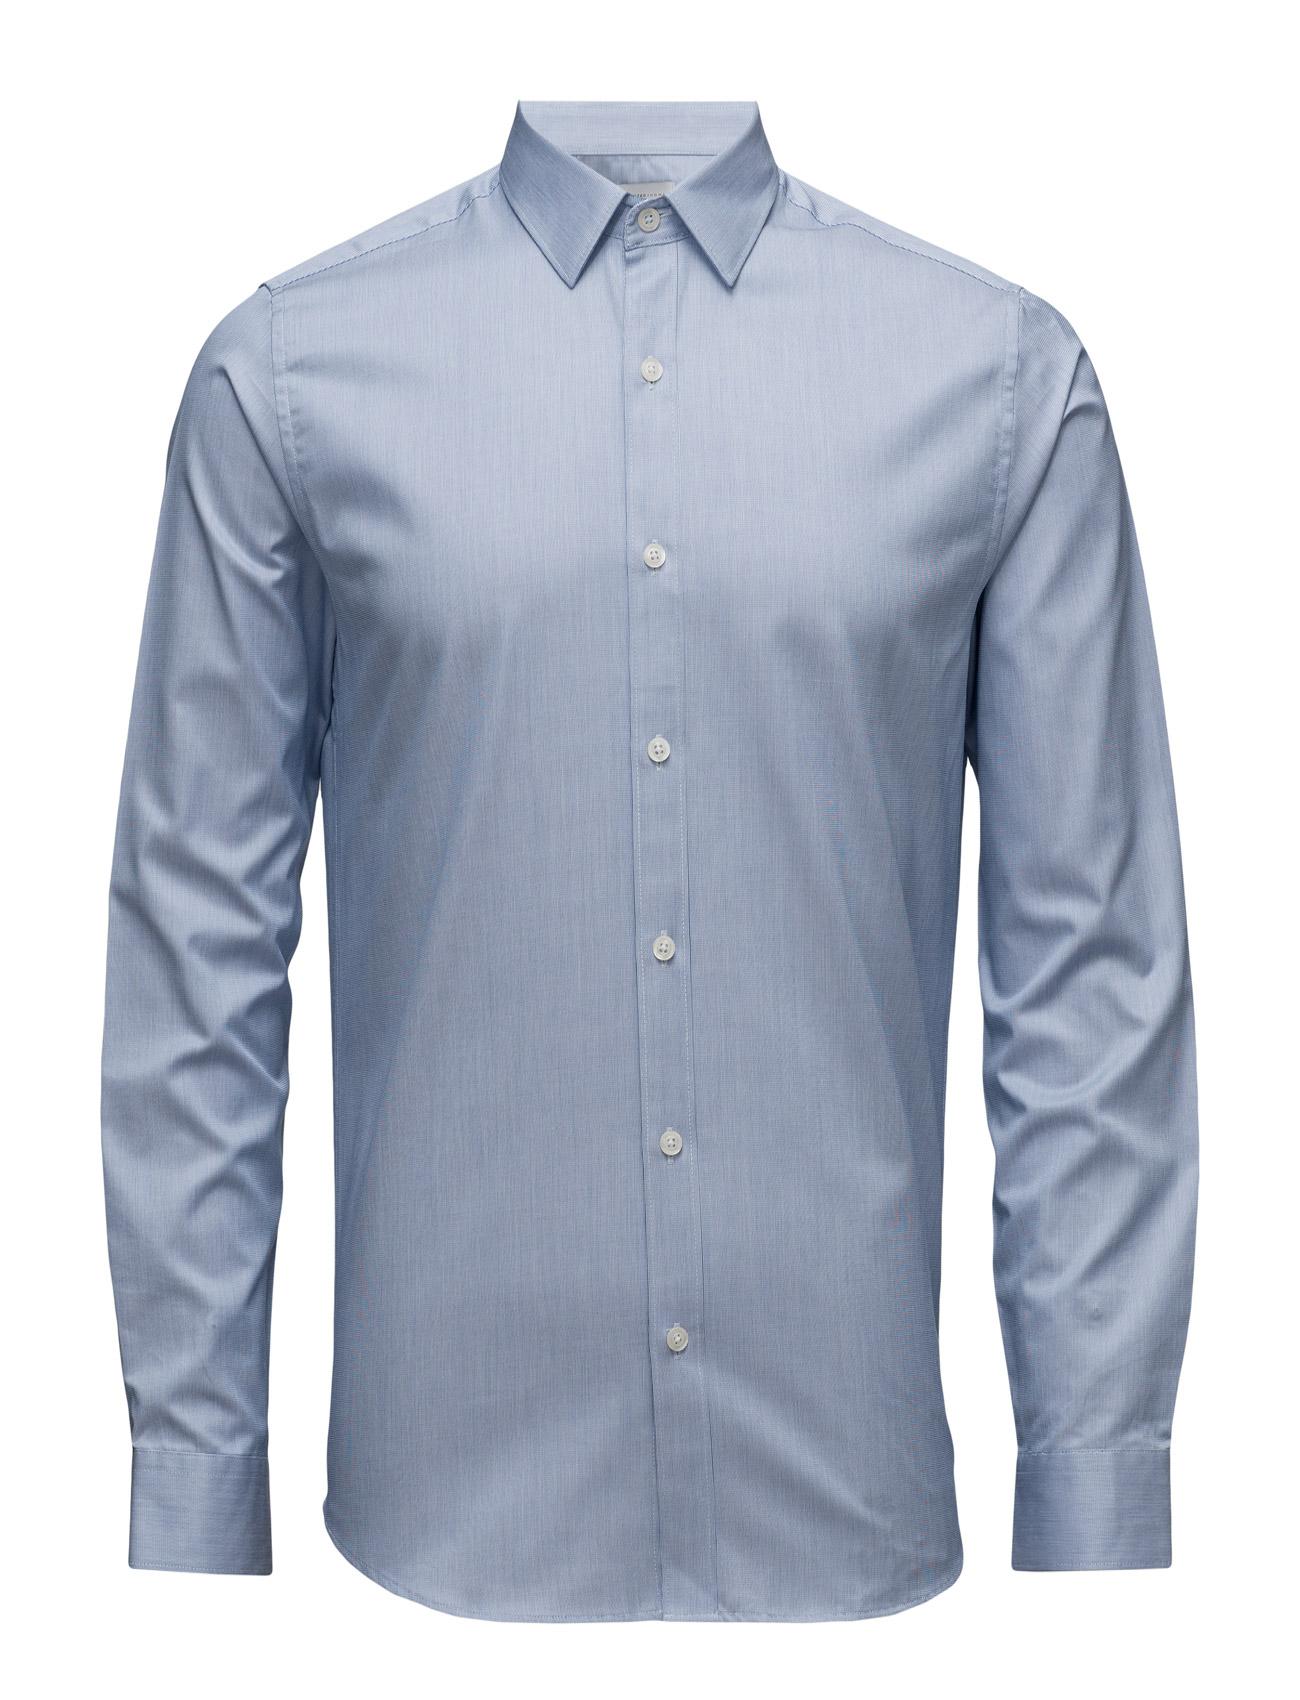 Shdone-Pellesantiago Shirt Ls  Noos Selected Homme Business til Herrer i Classic Blå